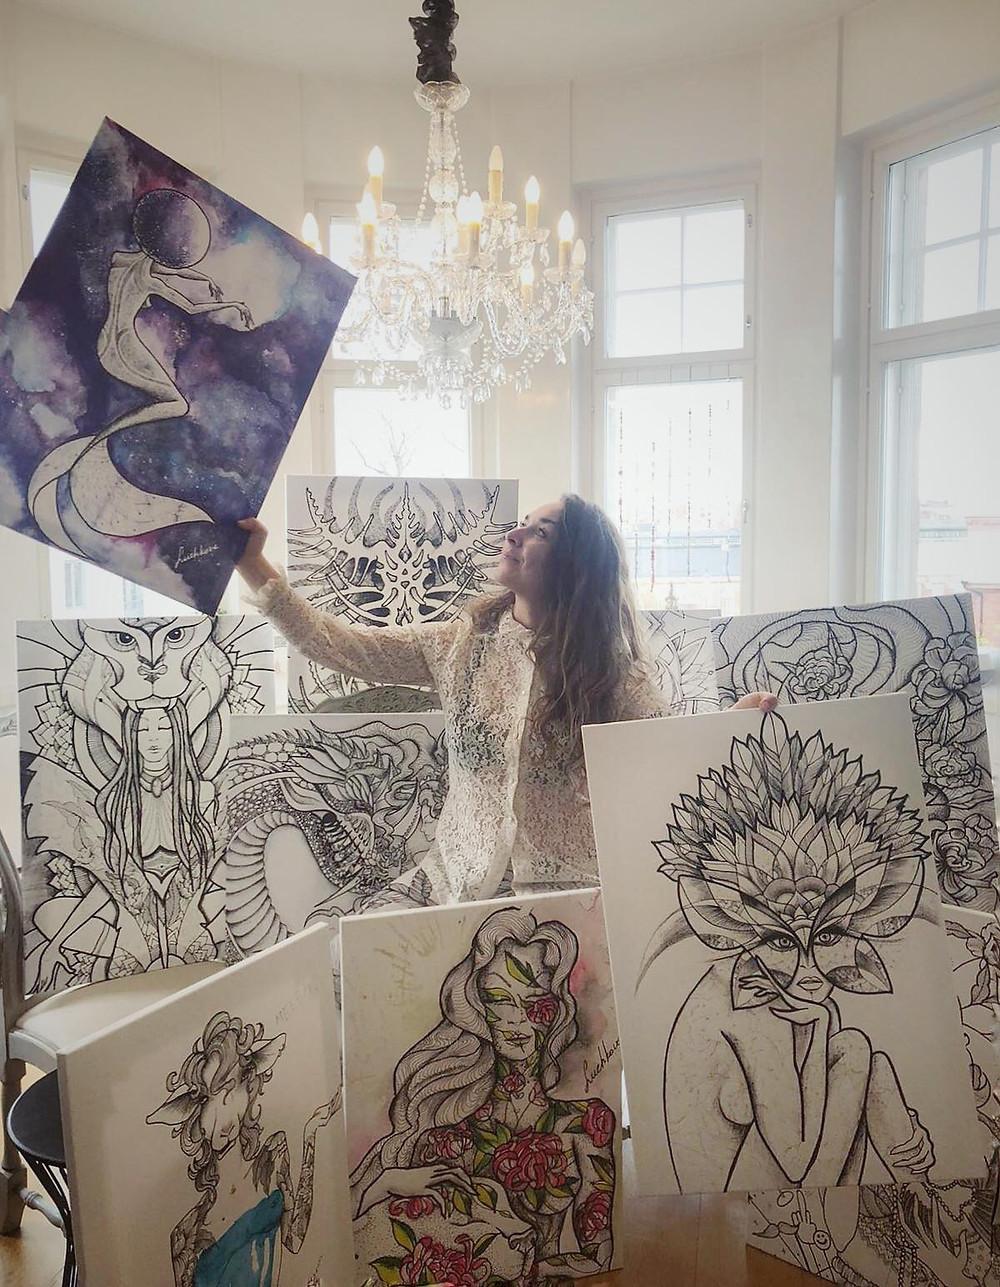 Sasha Luchkova kuvattuna taideteostensa keskellä, piirroksia naishahmoista. Kuvassa ateljee-tyyppinen huone, jossa taustalla isot ikkunat ja katossa suuri kattokruunu. Vaalea kuva.